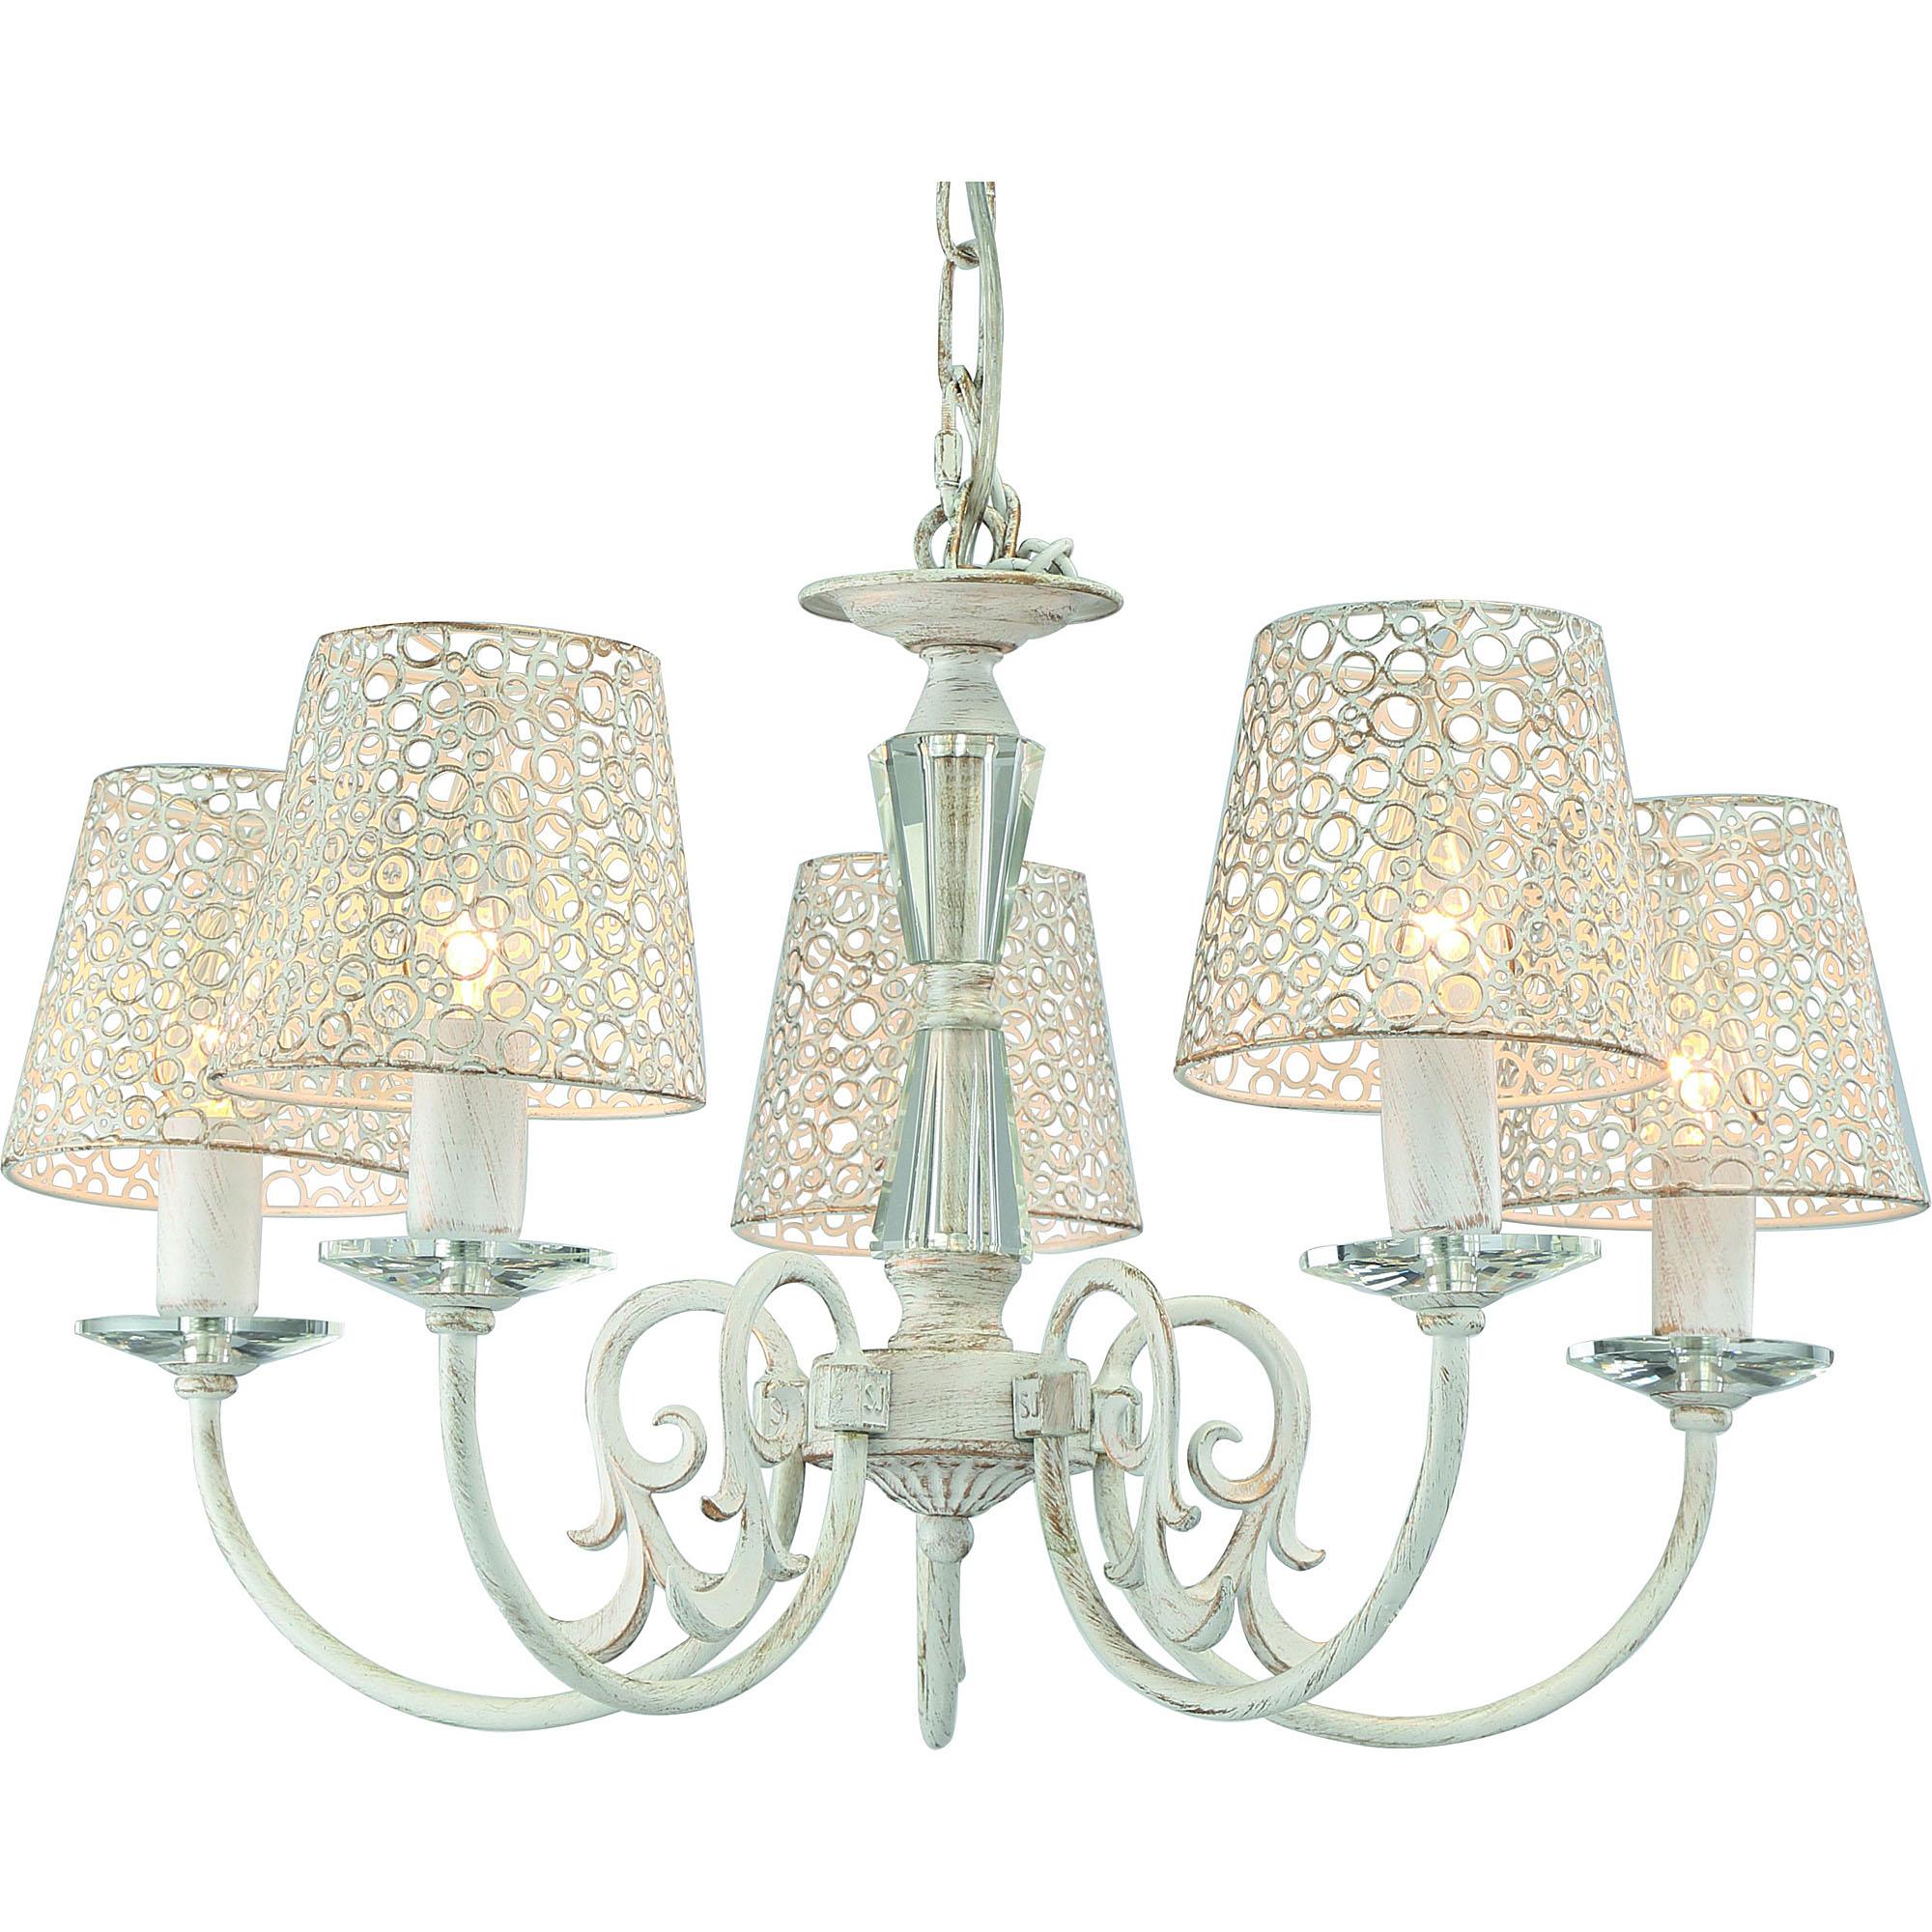 Люстра на цепи Arte Lamp A5468LM-5WG люстра подвесная на цепи arte lamp a6114lm 5wg